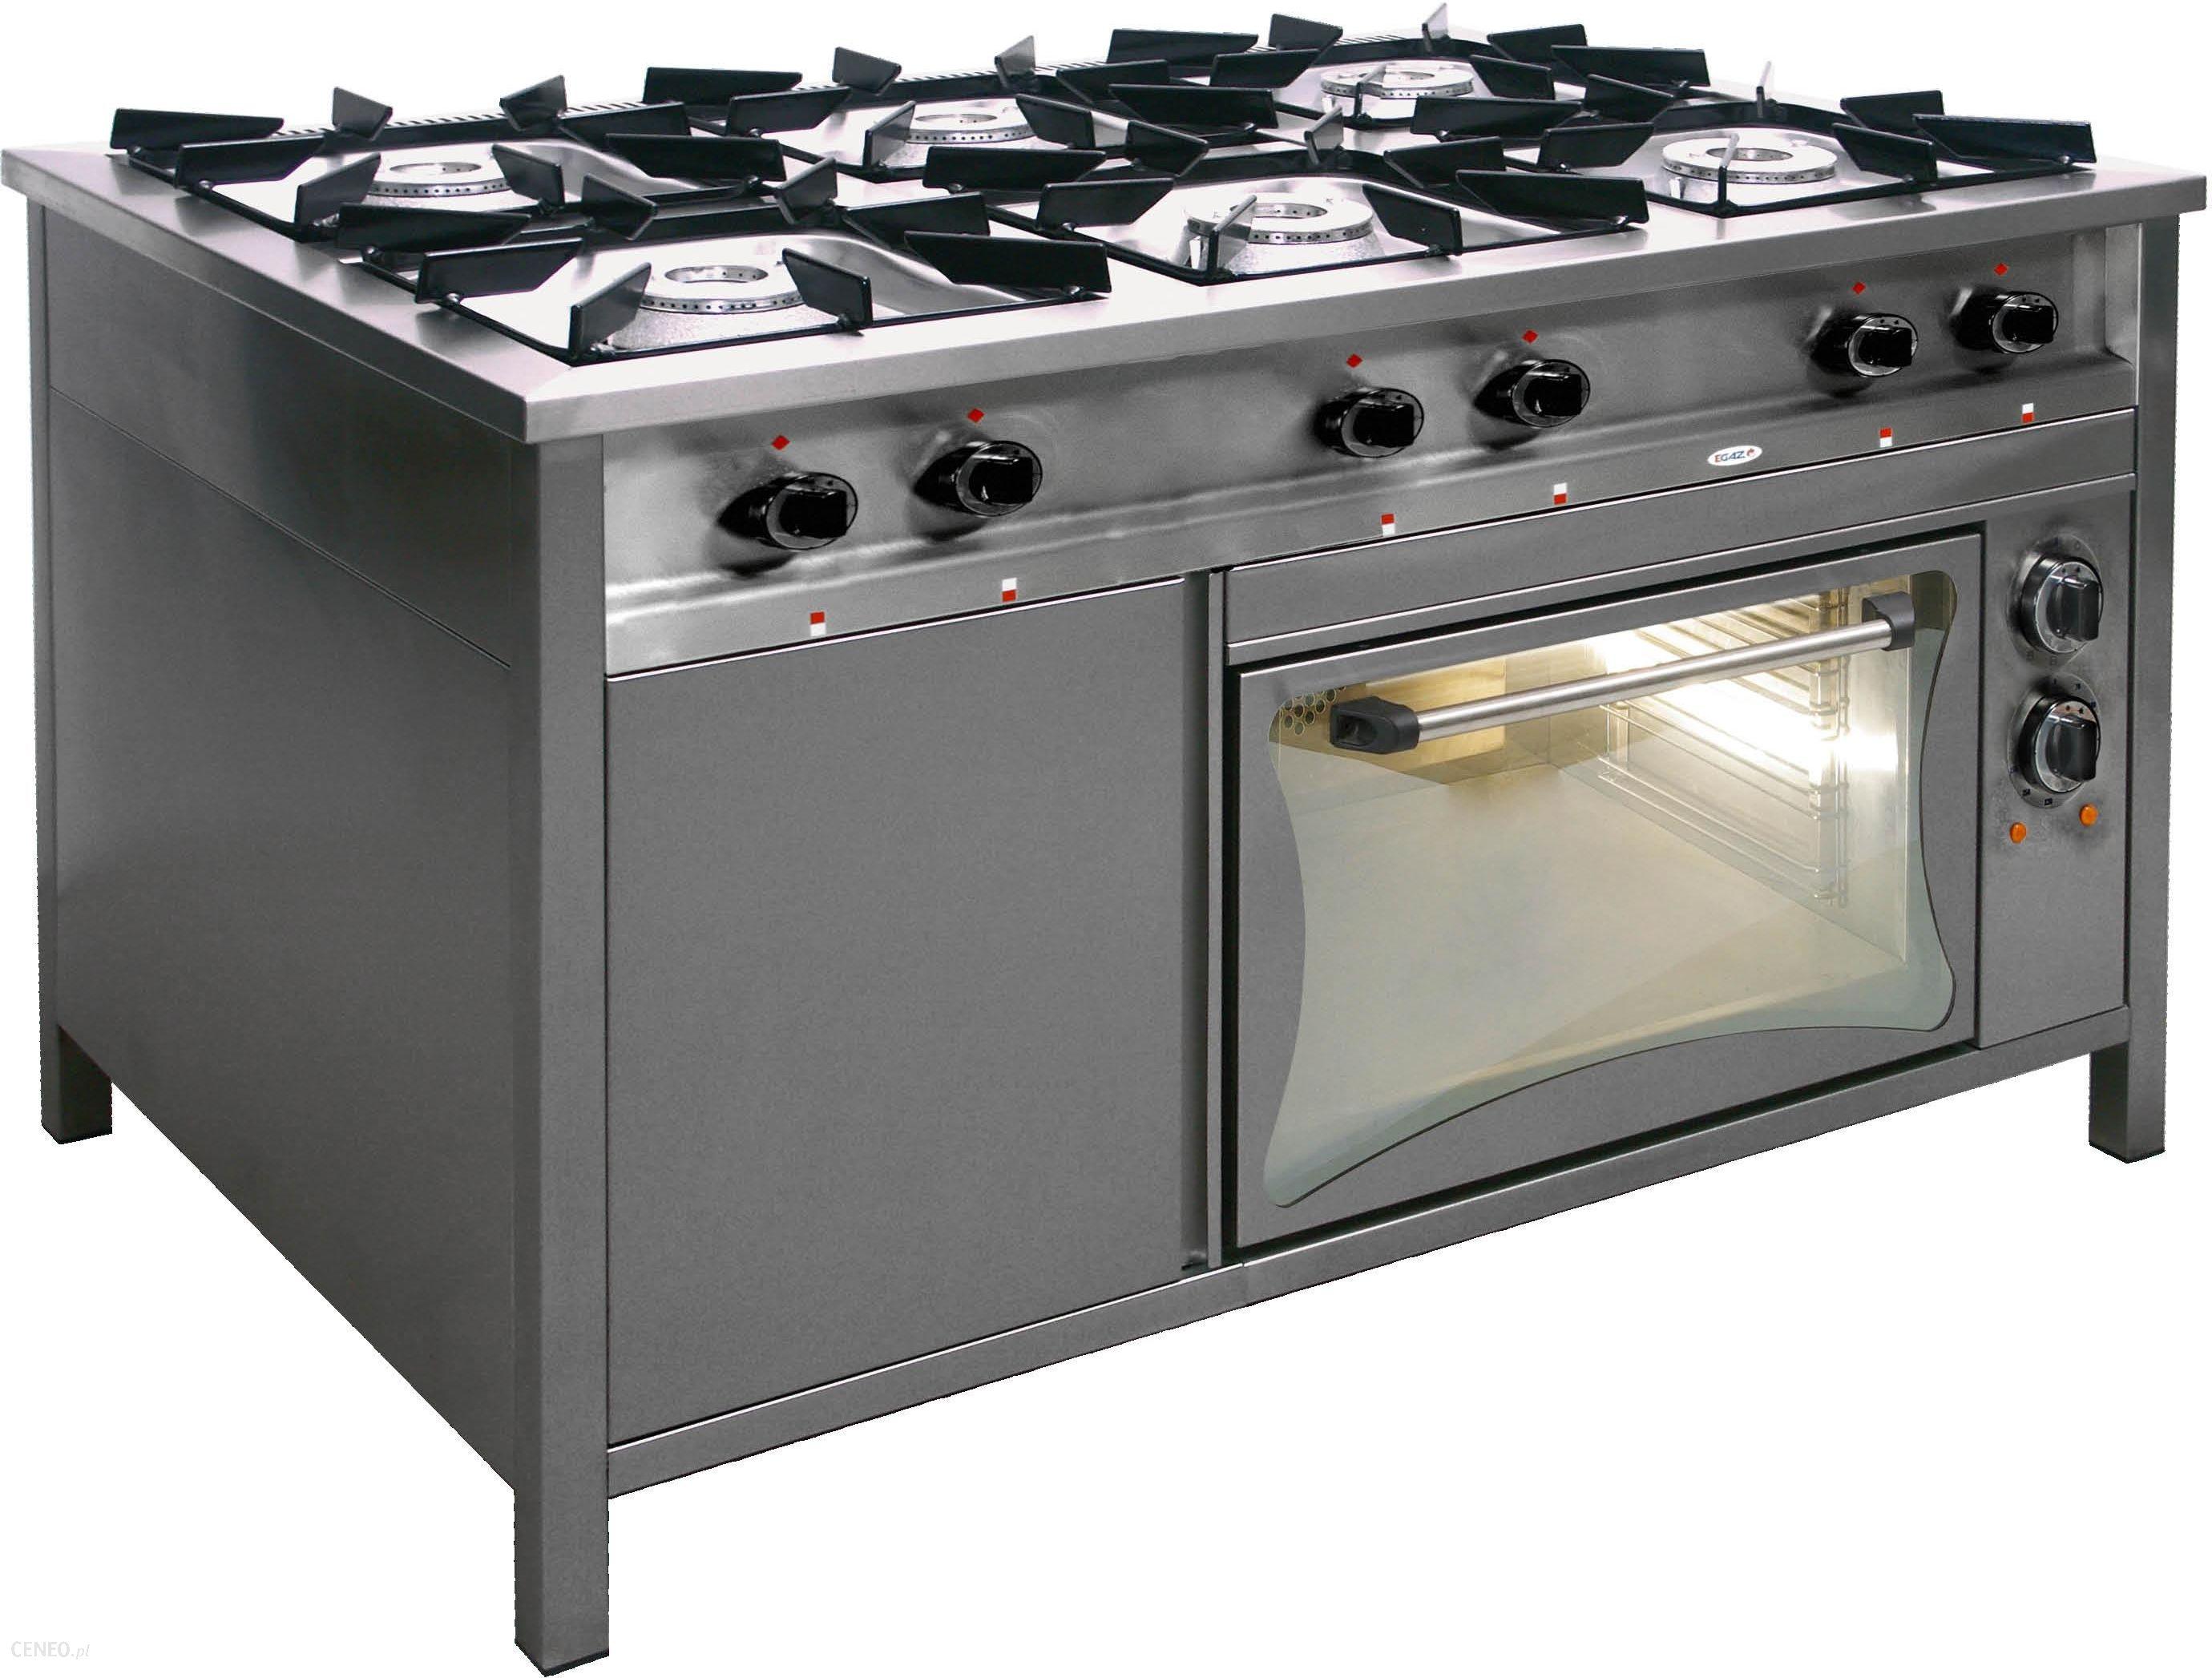 Egaz Kuchnia Gazowa 6 Palnikowa Z Piekarnikiem Elektrycznym